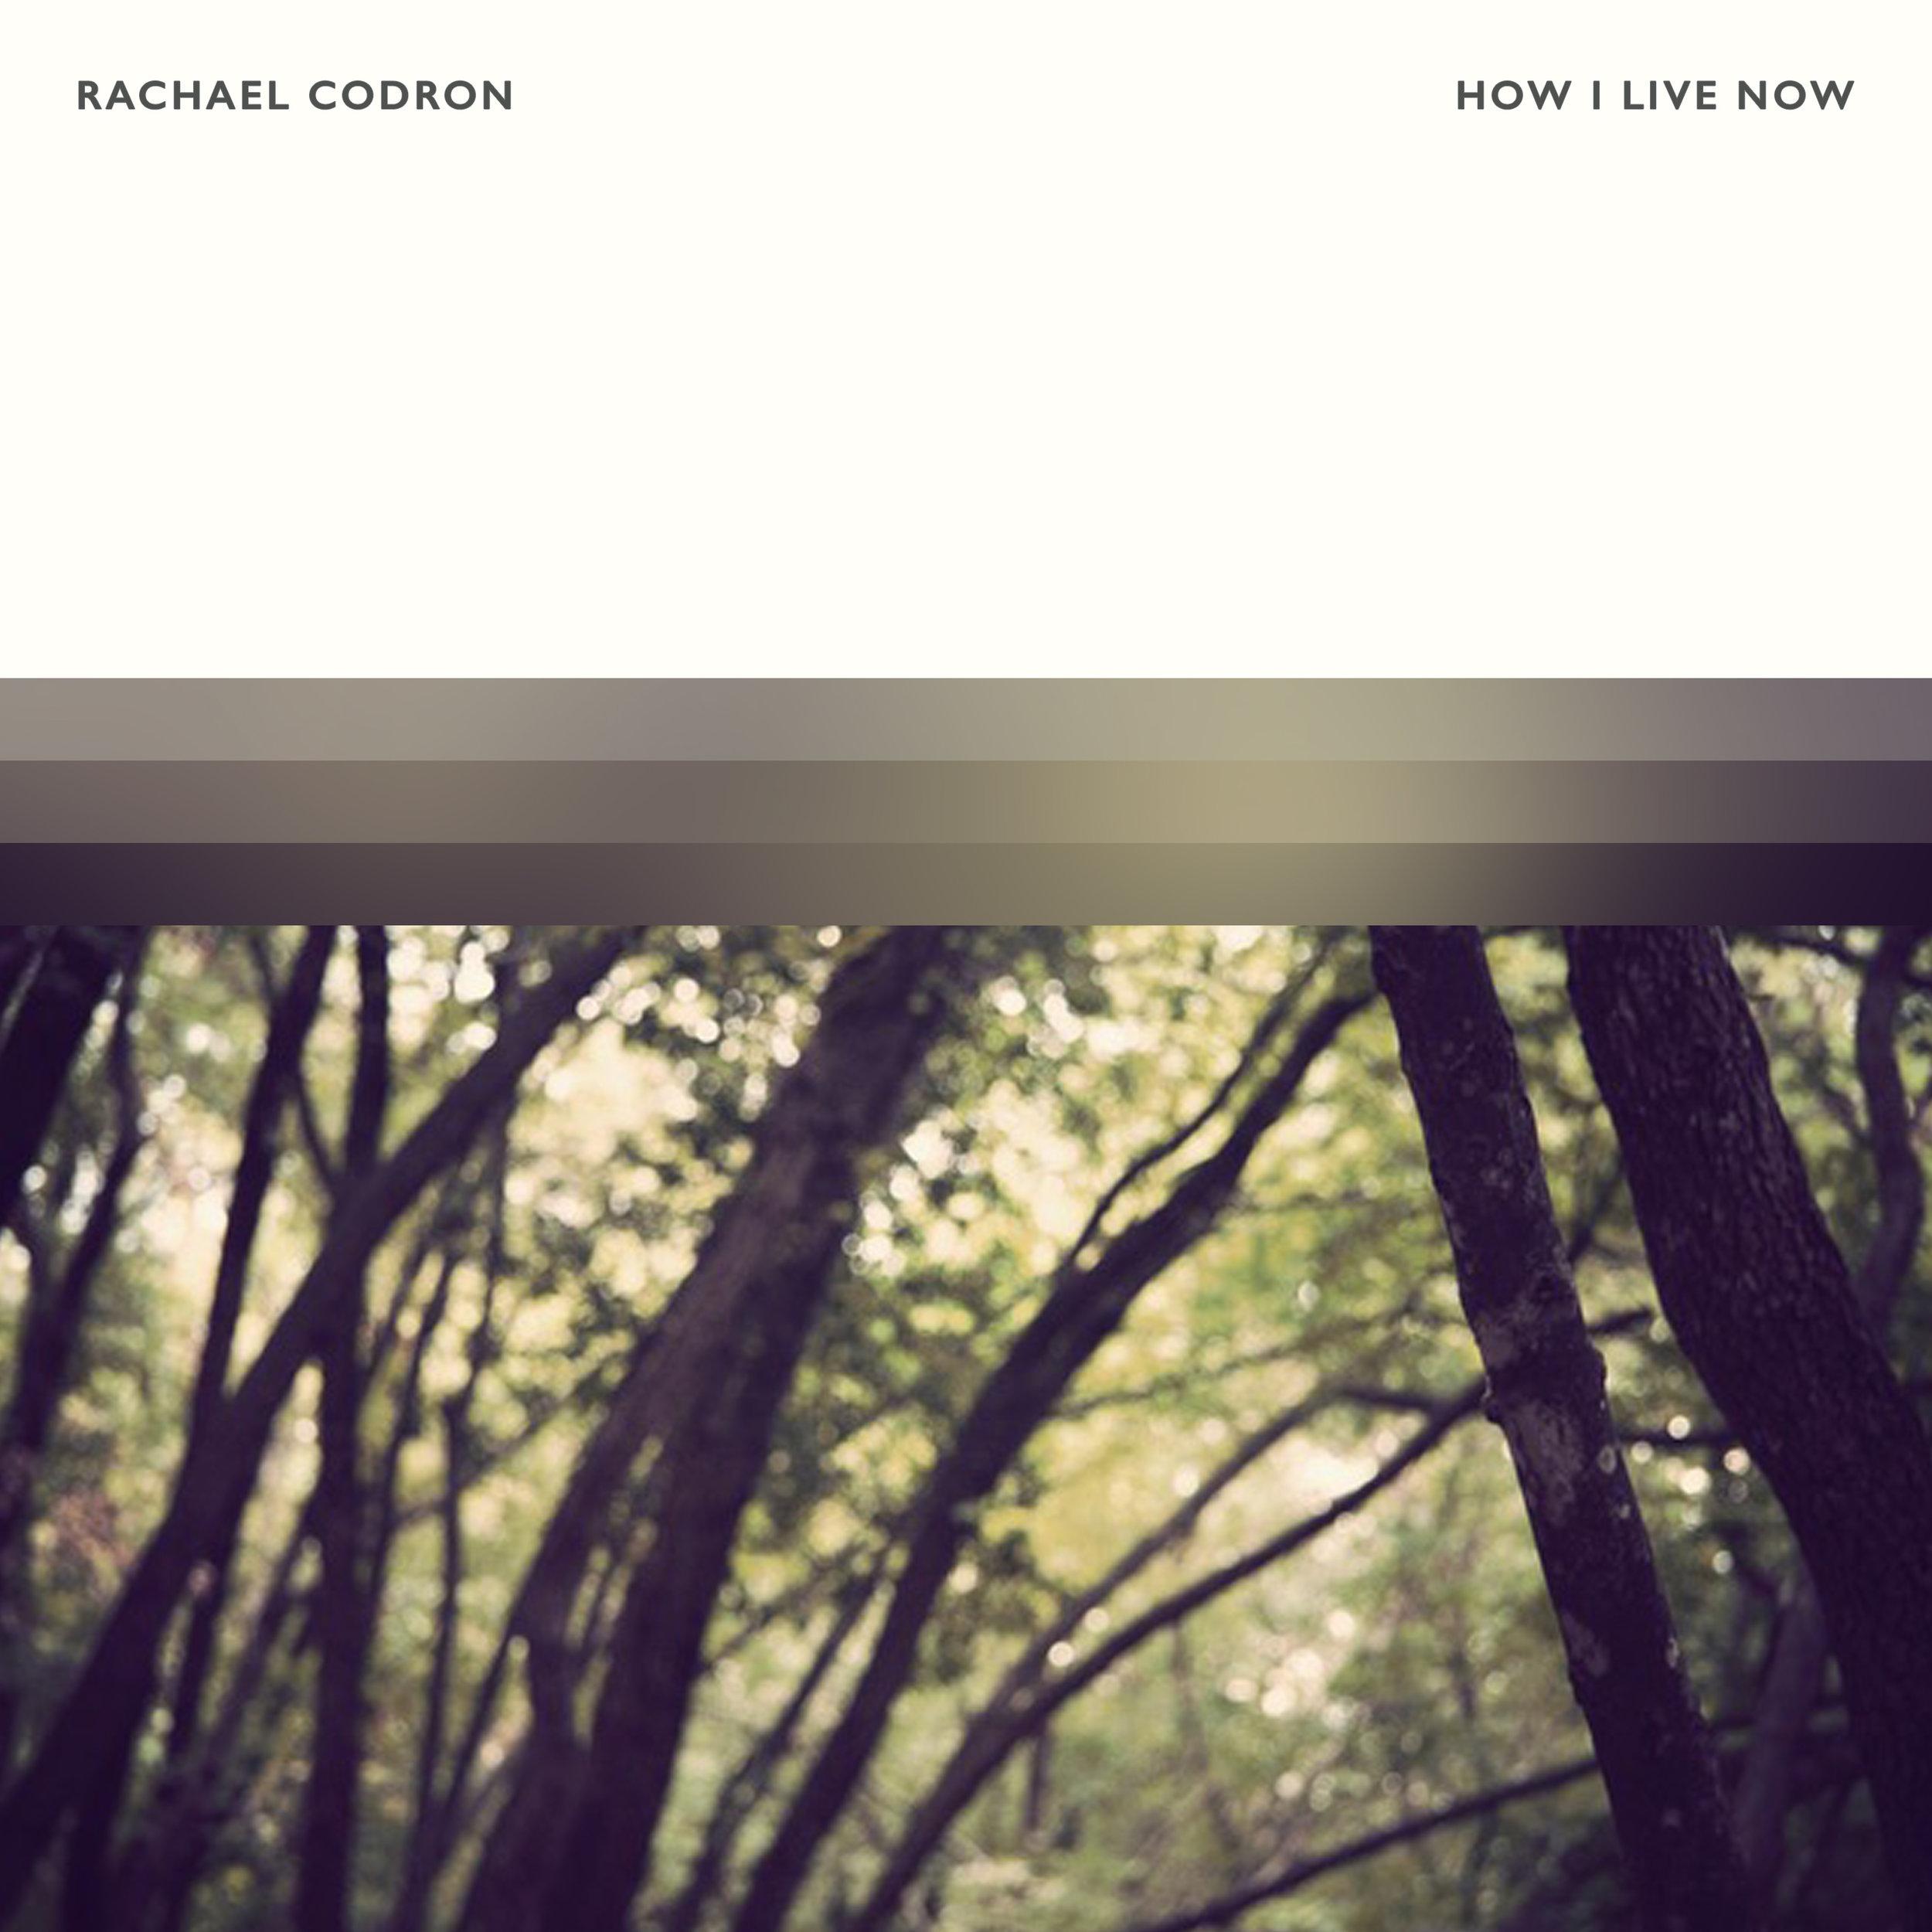 Rachael Codron - How I Live Now